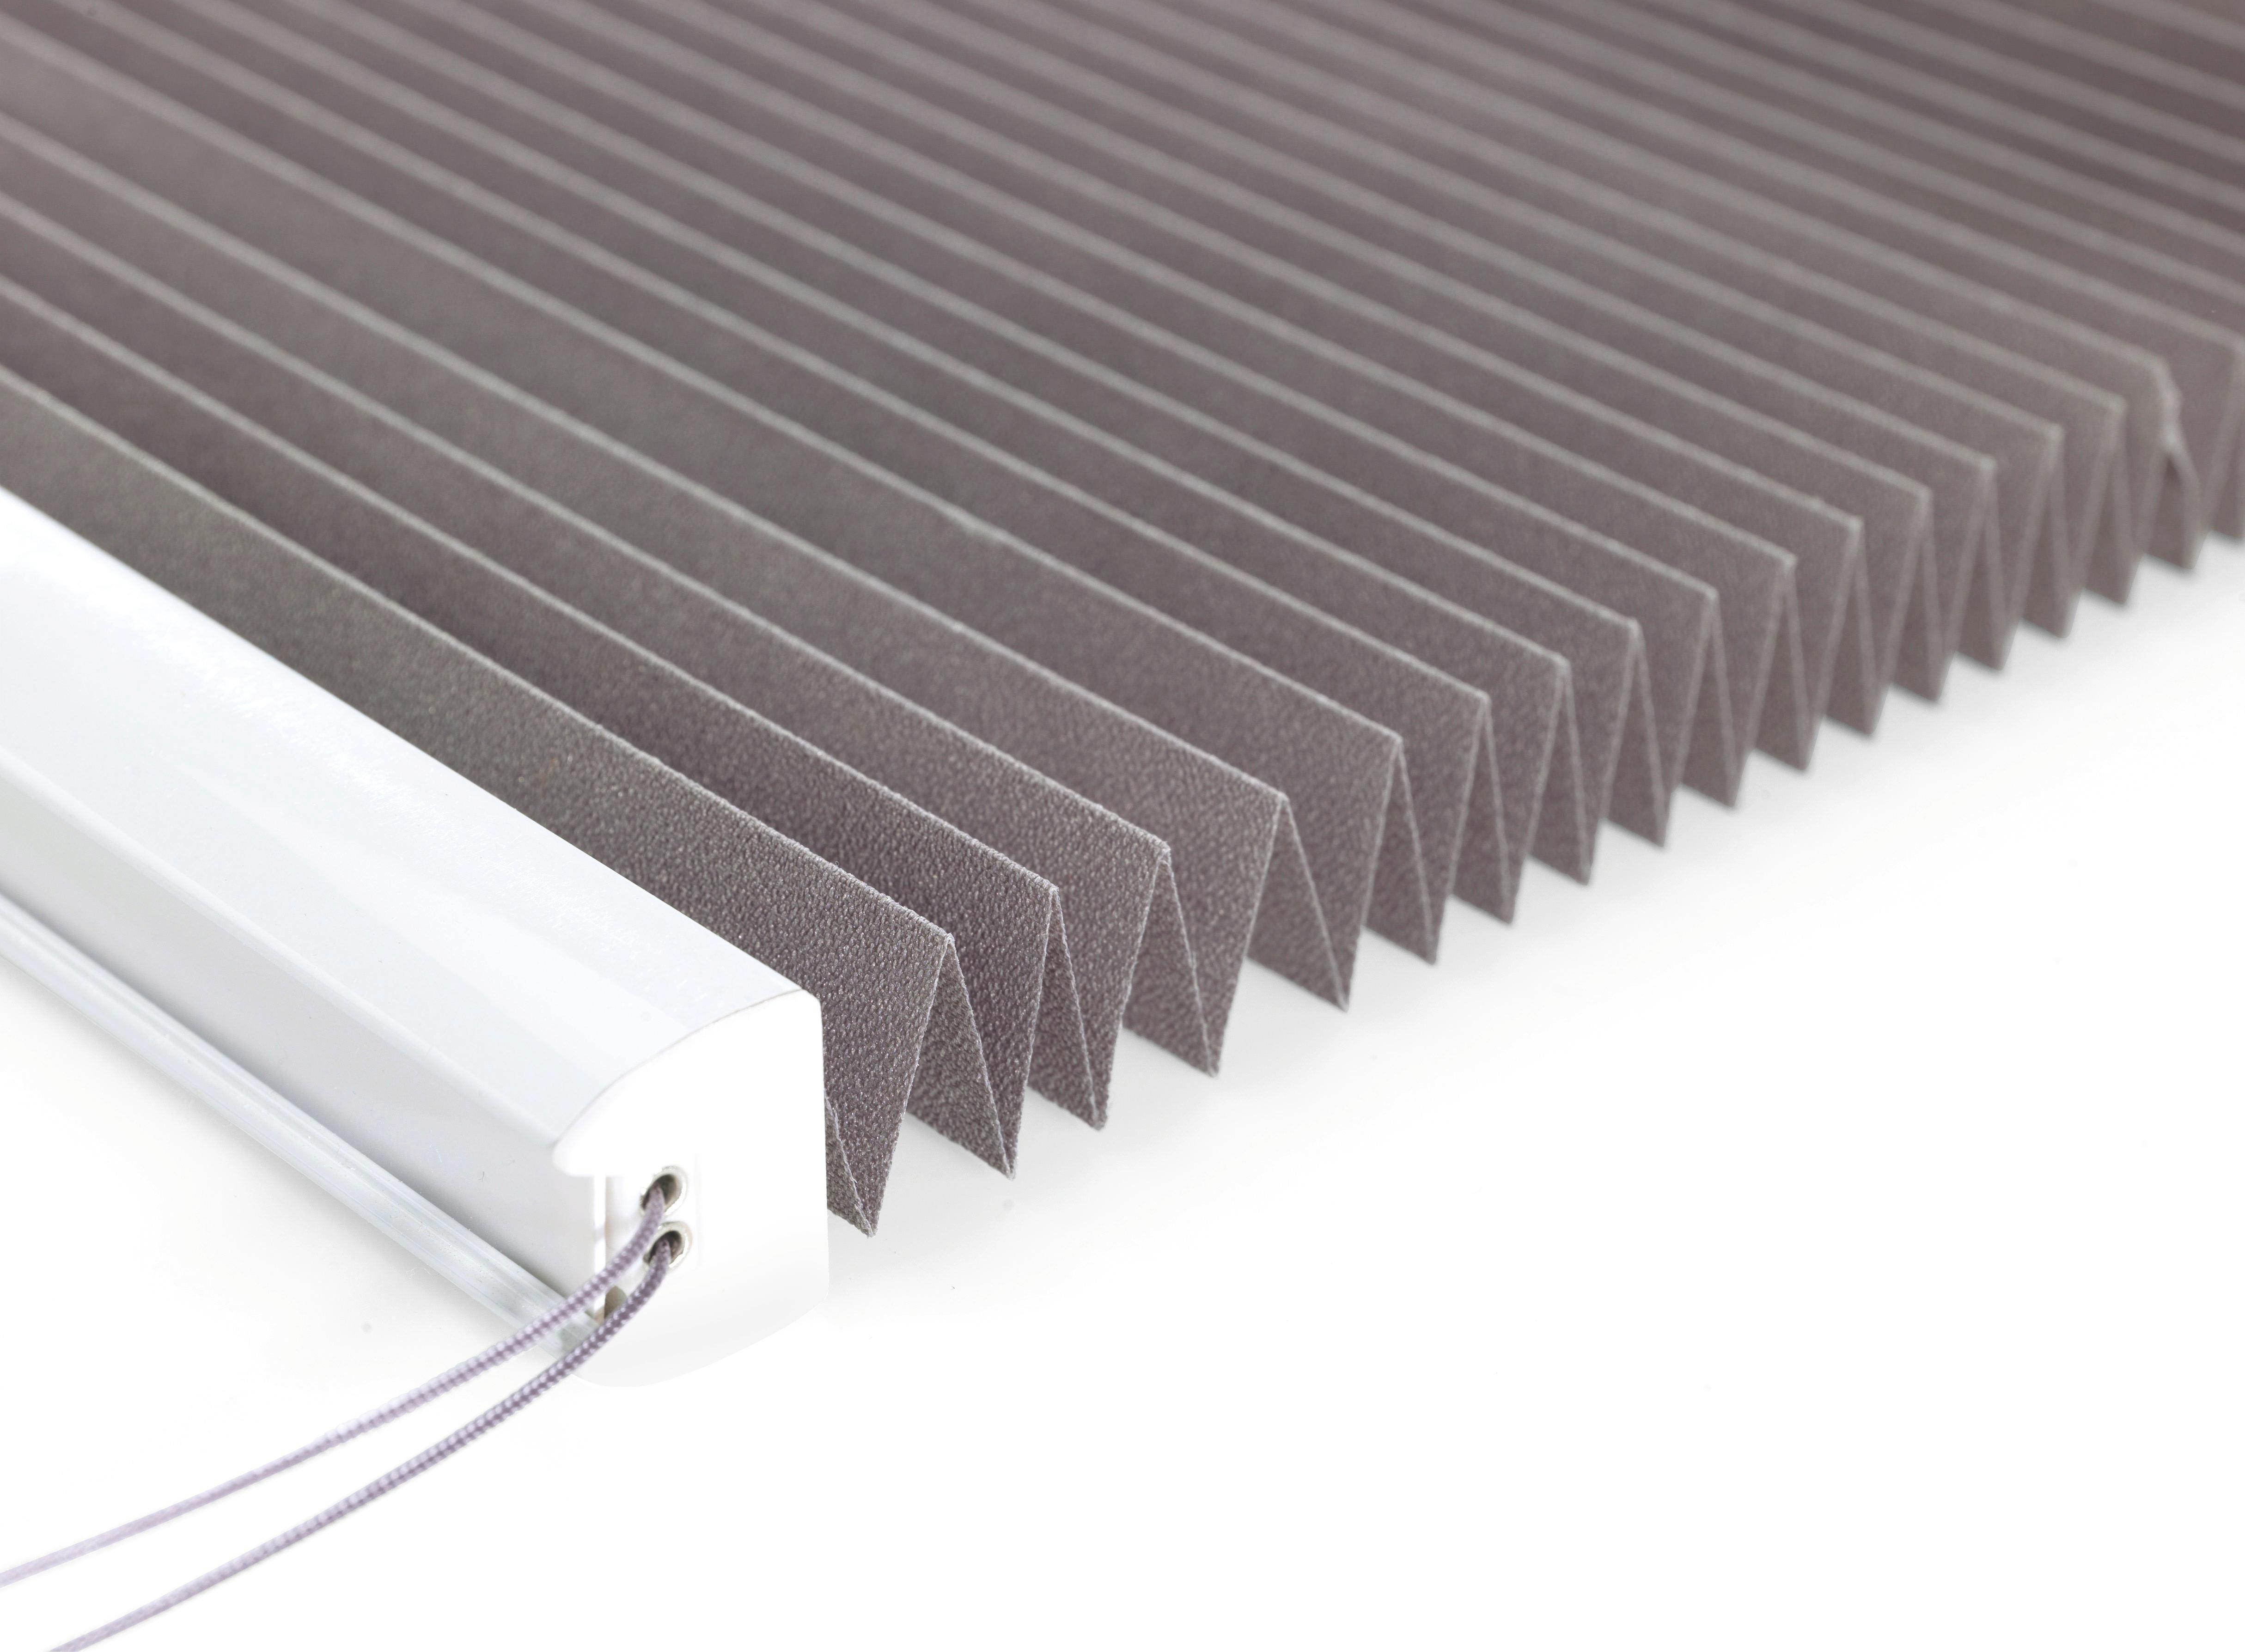 Harmonika Roló Világosszürke - antracit, textil (90/210cm) - MÖMAX modern living